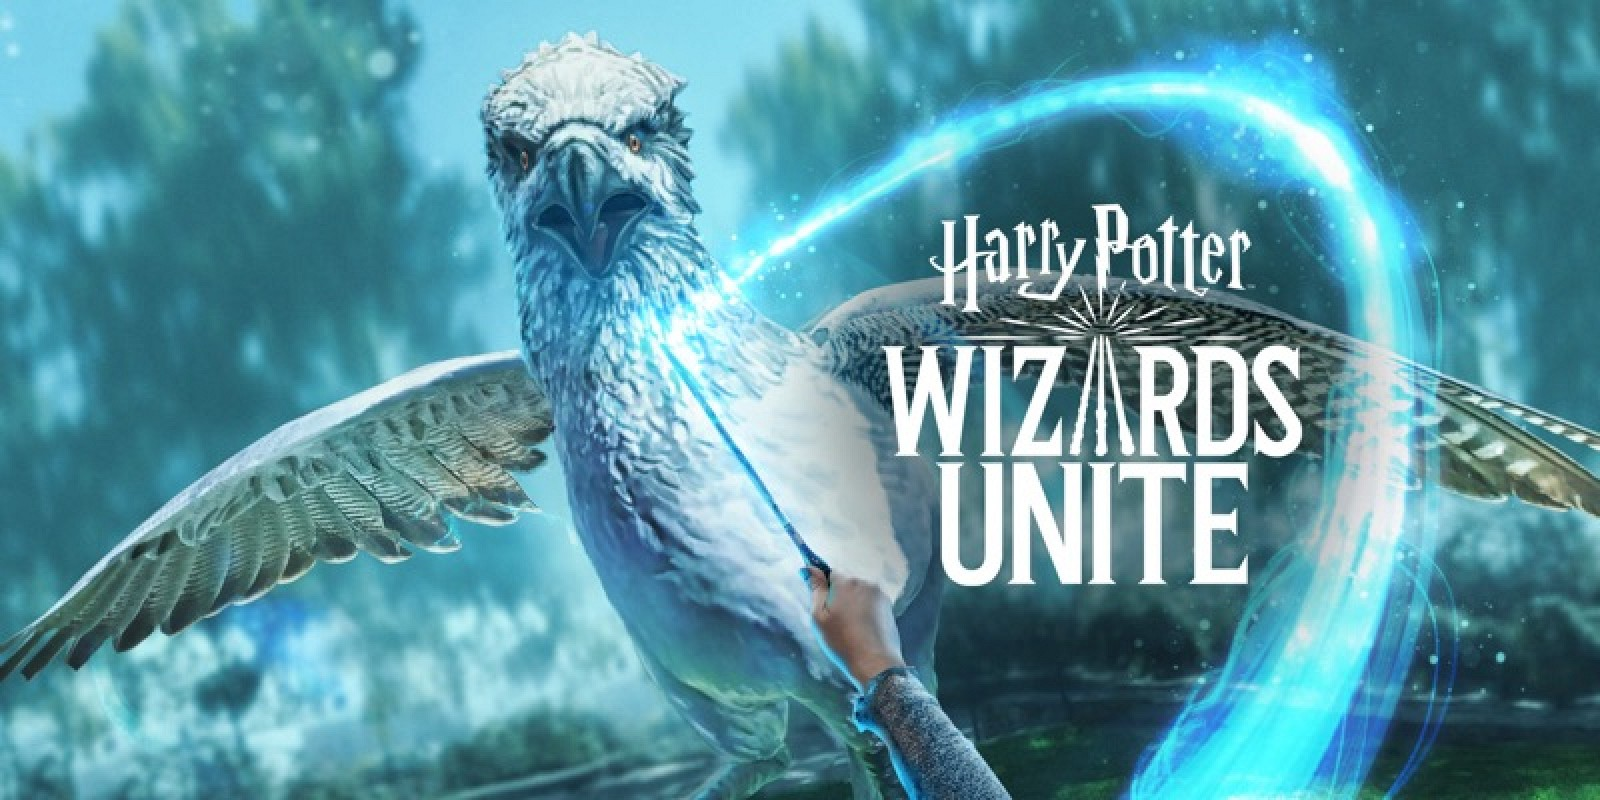 Niantic comparte detalles de juego para la próxima aplicación de realidad aumentada & # 39; Harry Potter: Wizards Unite & # 39;